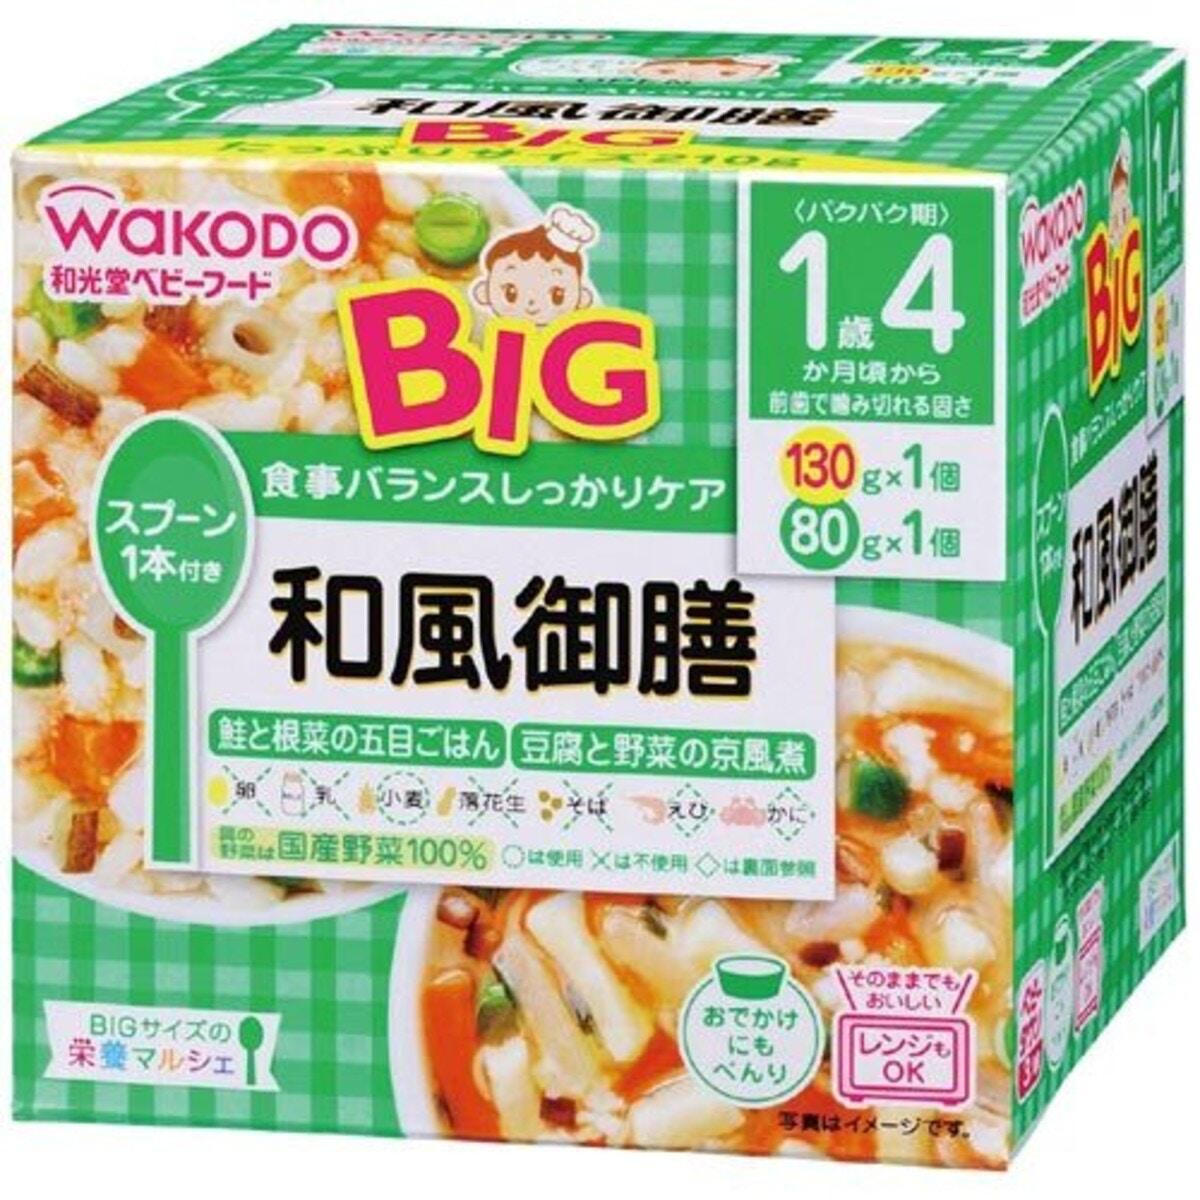 和光堂 BIGサイズの栄養マルシェ「 和風御膳」鮭と根菜の五目ごはんと豆腐と野菜の京風煮